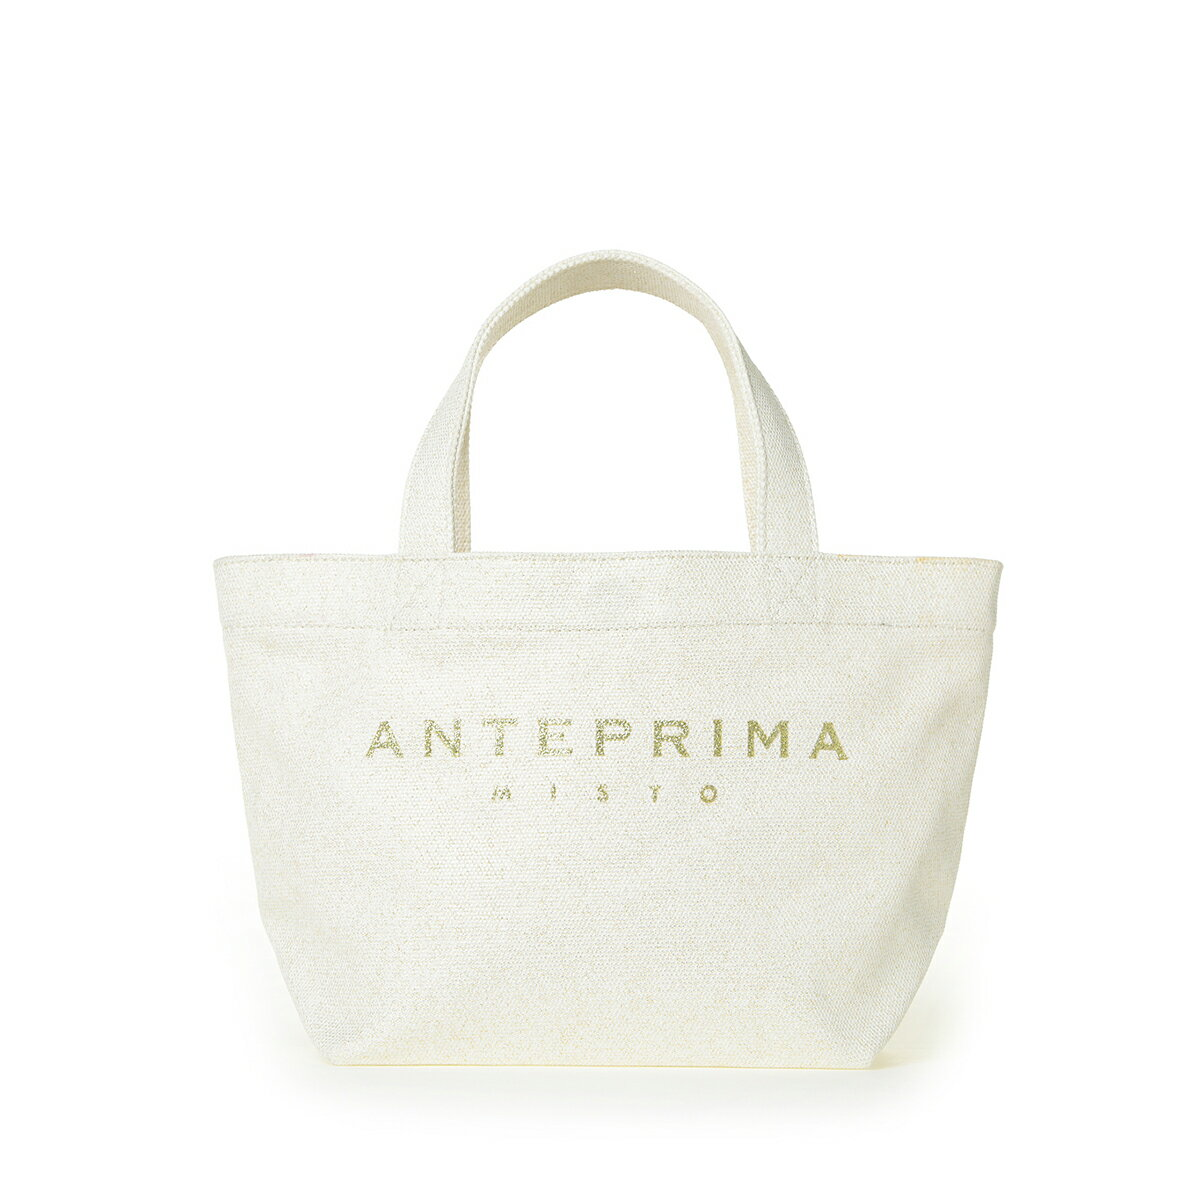 【17000円以上購入でステーショナリーセットプレゼント】【ANTEPRIMA公式】アンテプリマ/ミスト/ロゴ*T/スモール/シャンパンゴールド/ANTEPRIMA/MISTO/PB17FR4081/SMALL